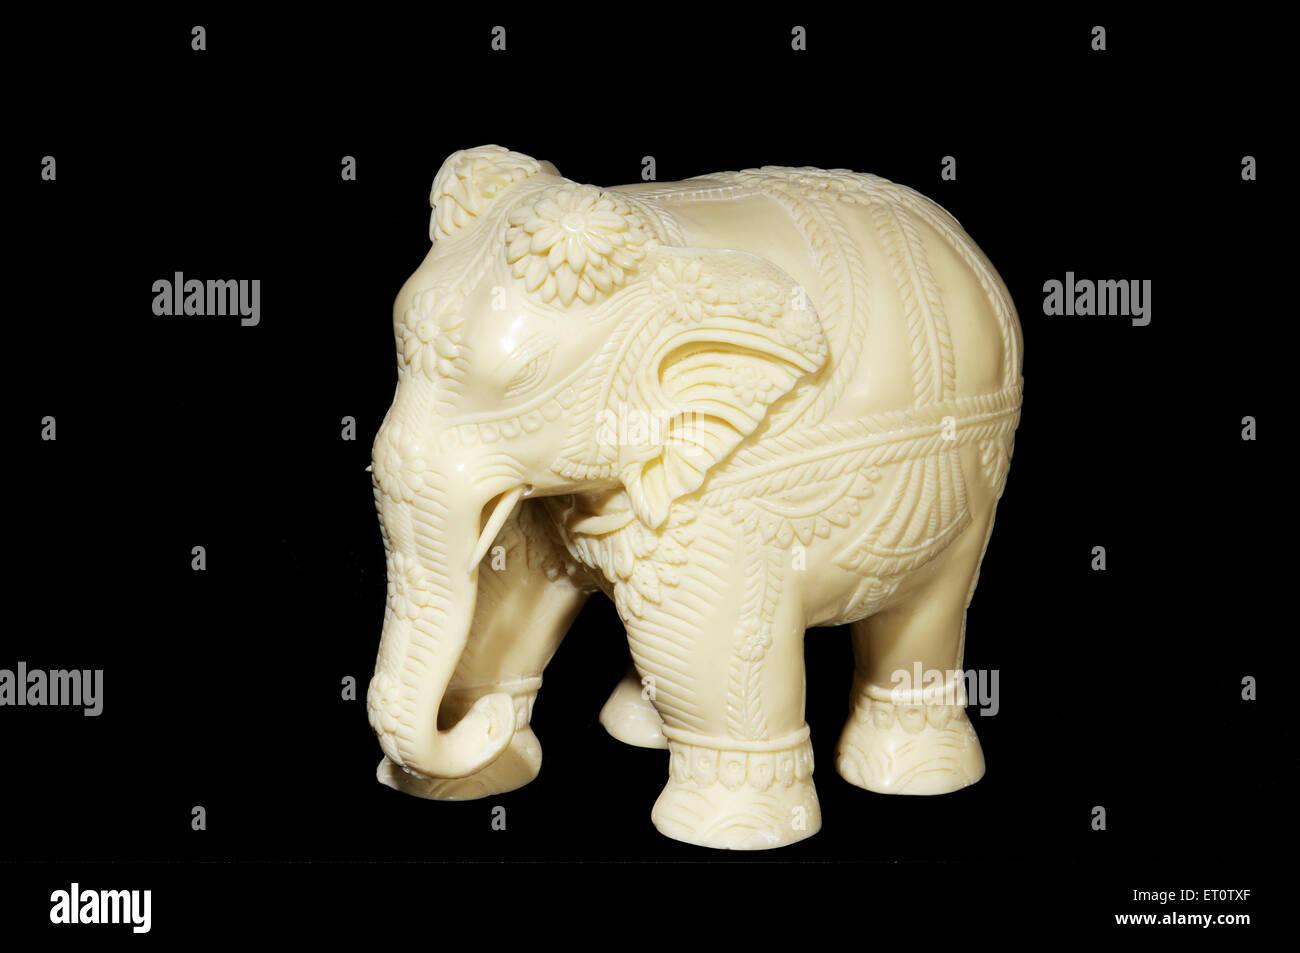 Elephant made by elephants tusk on black background - Stock Image